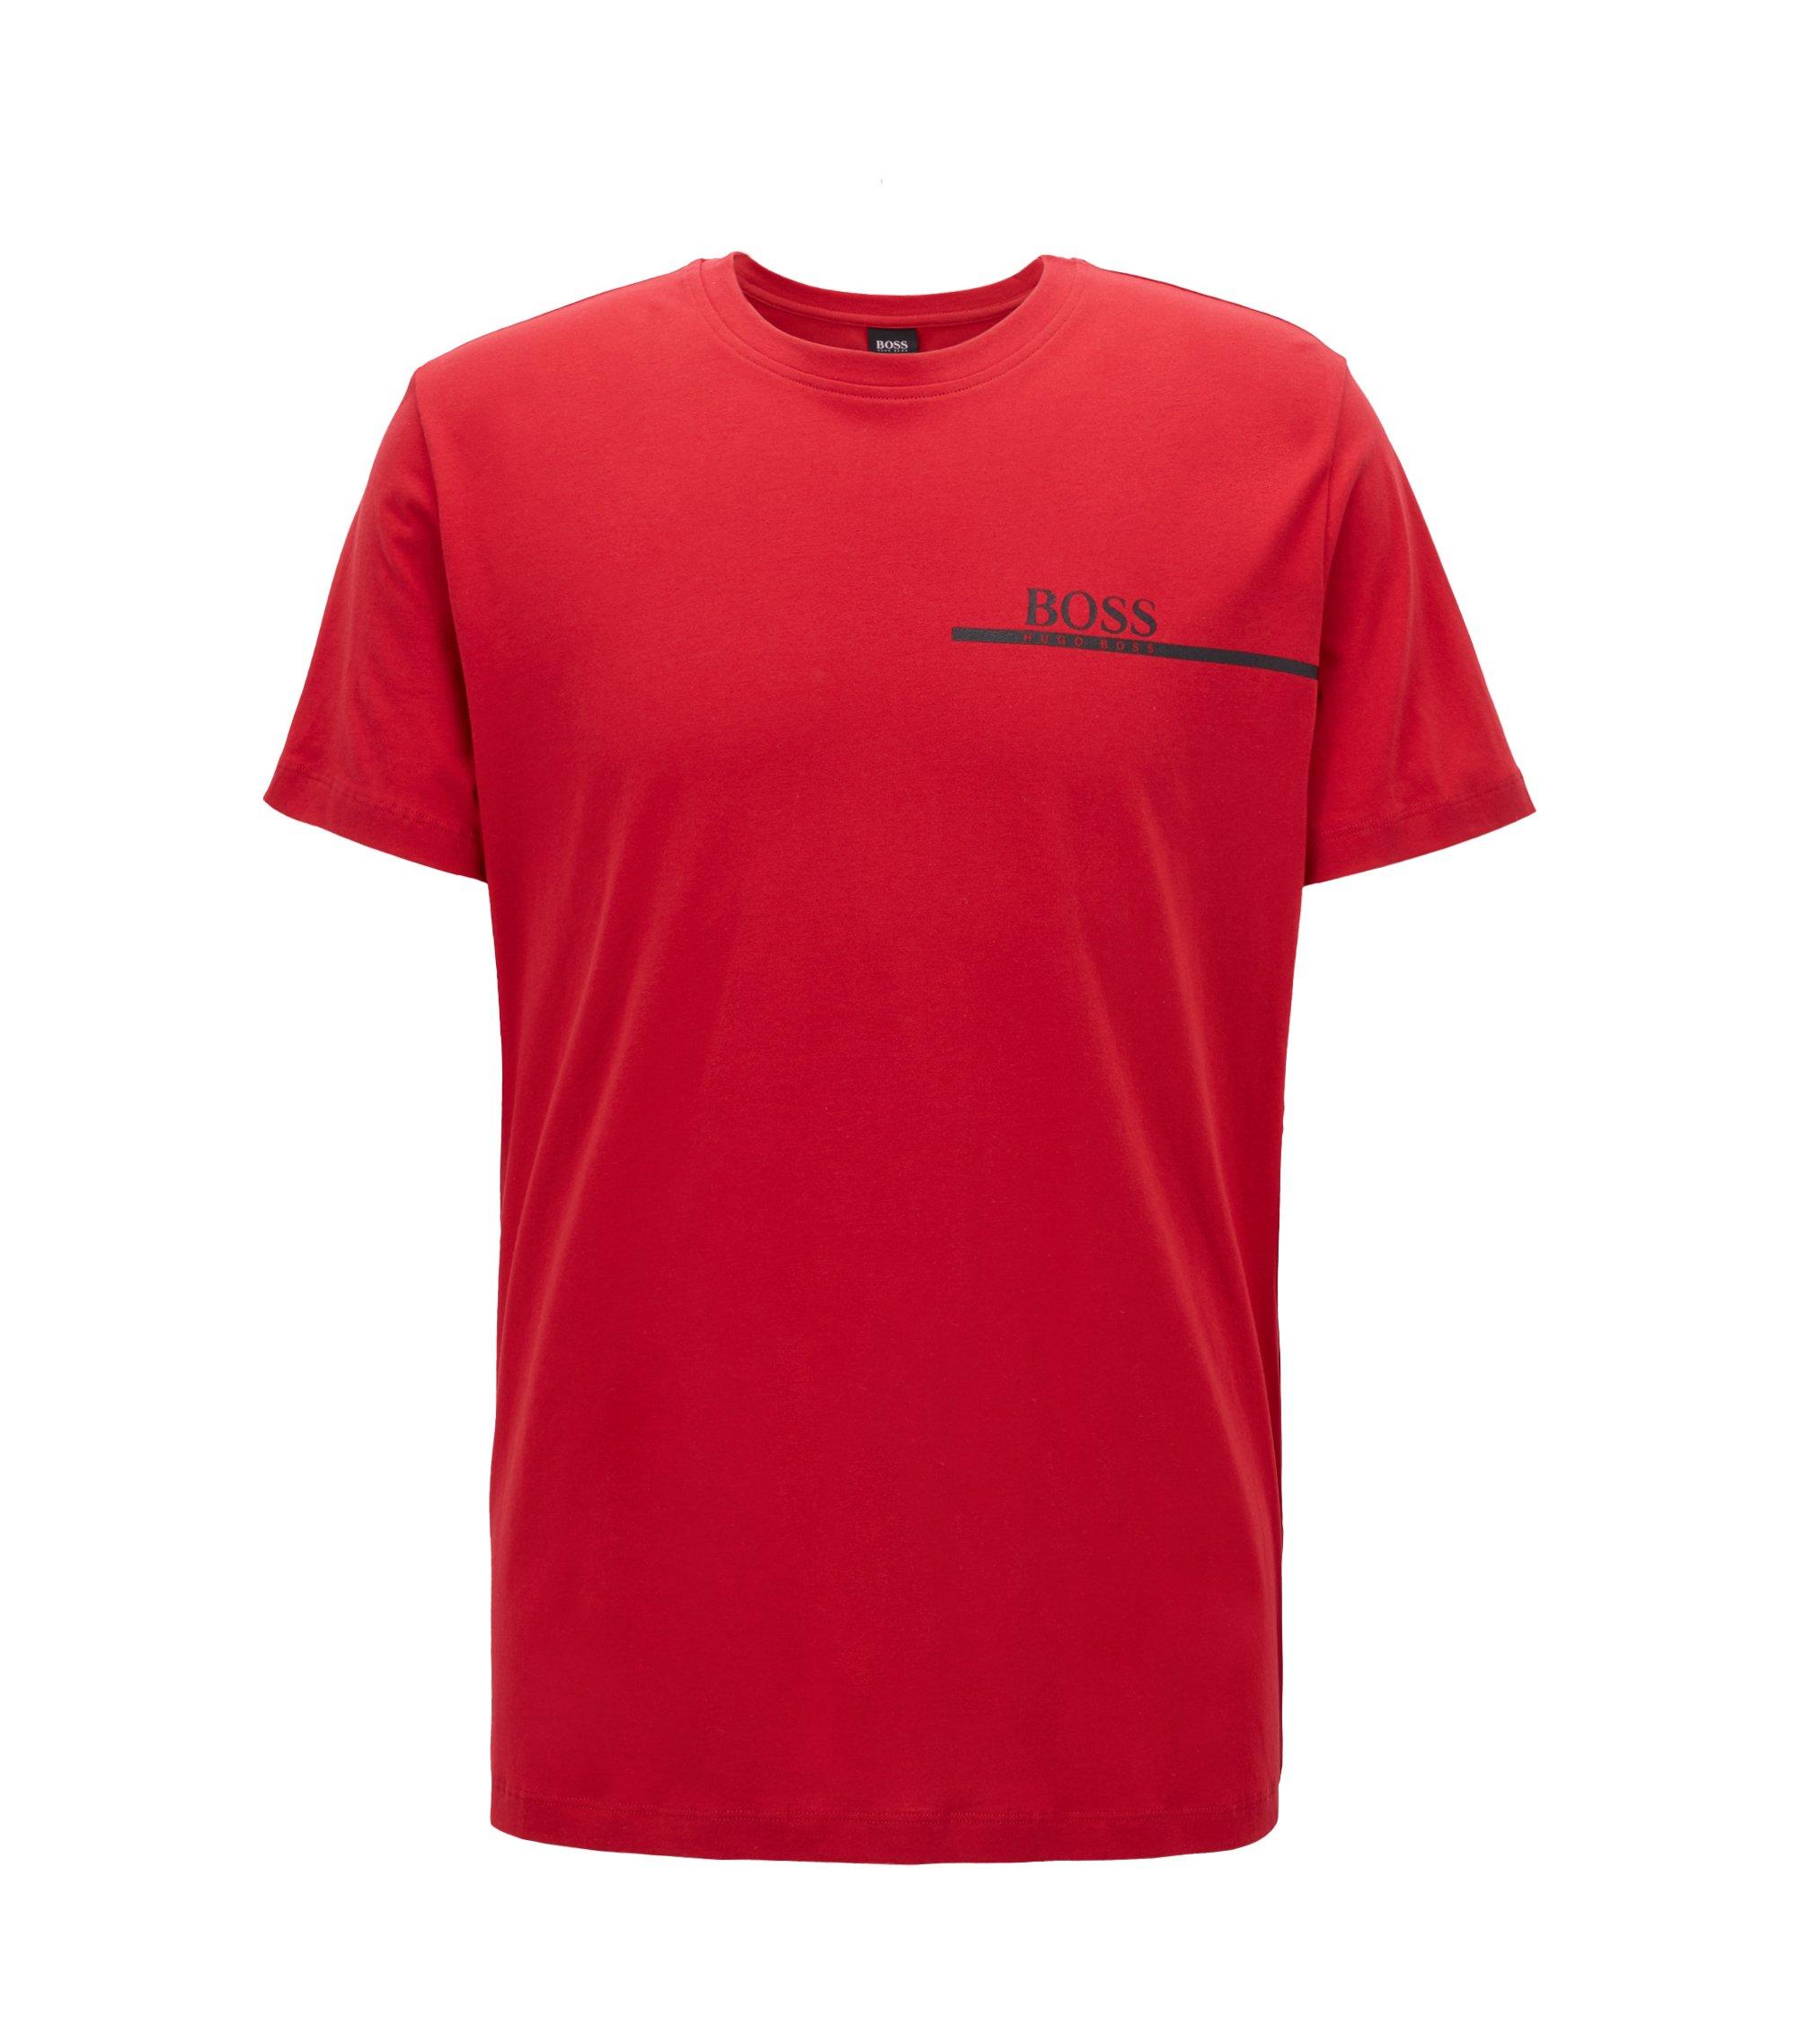 Camiseta relaxed fit de algodón con logo estampado, Rojo